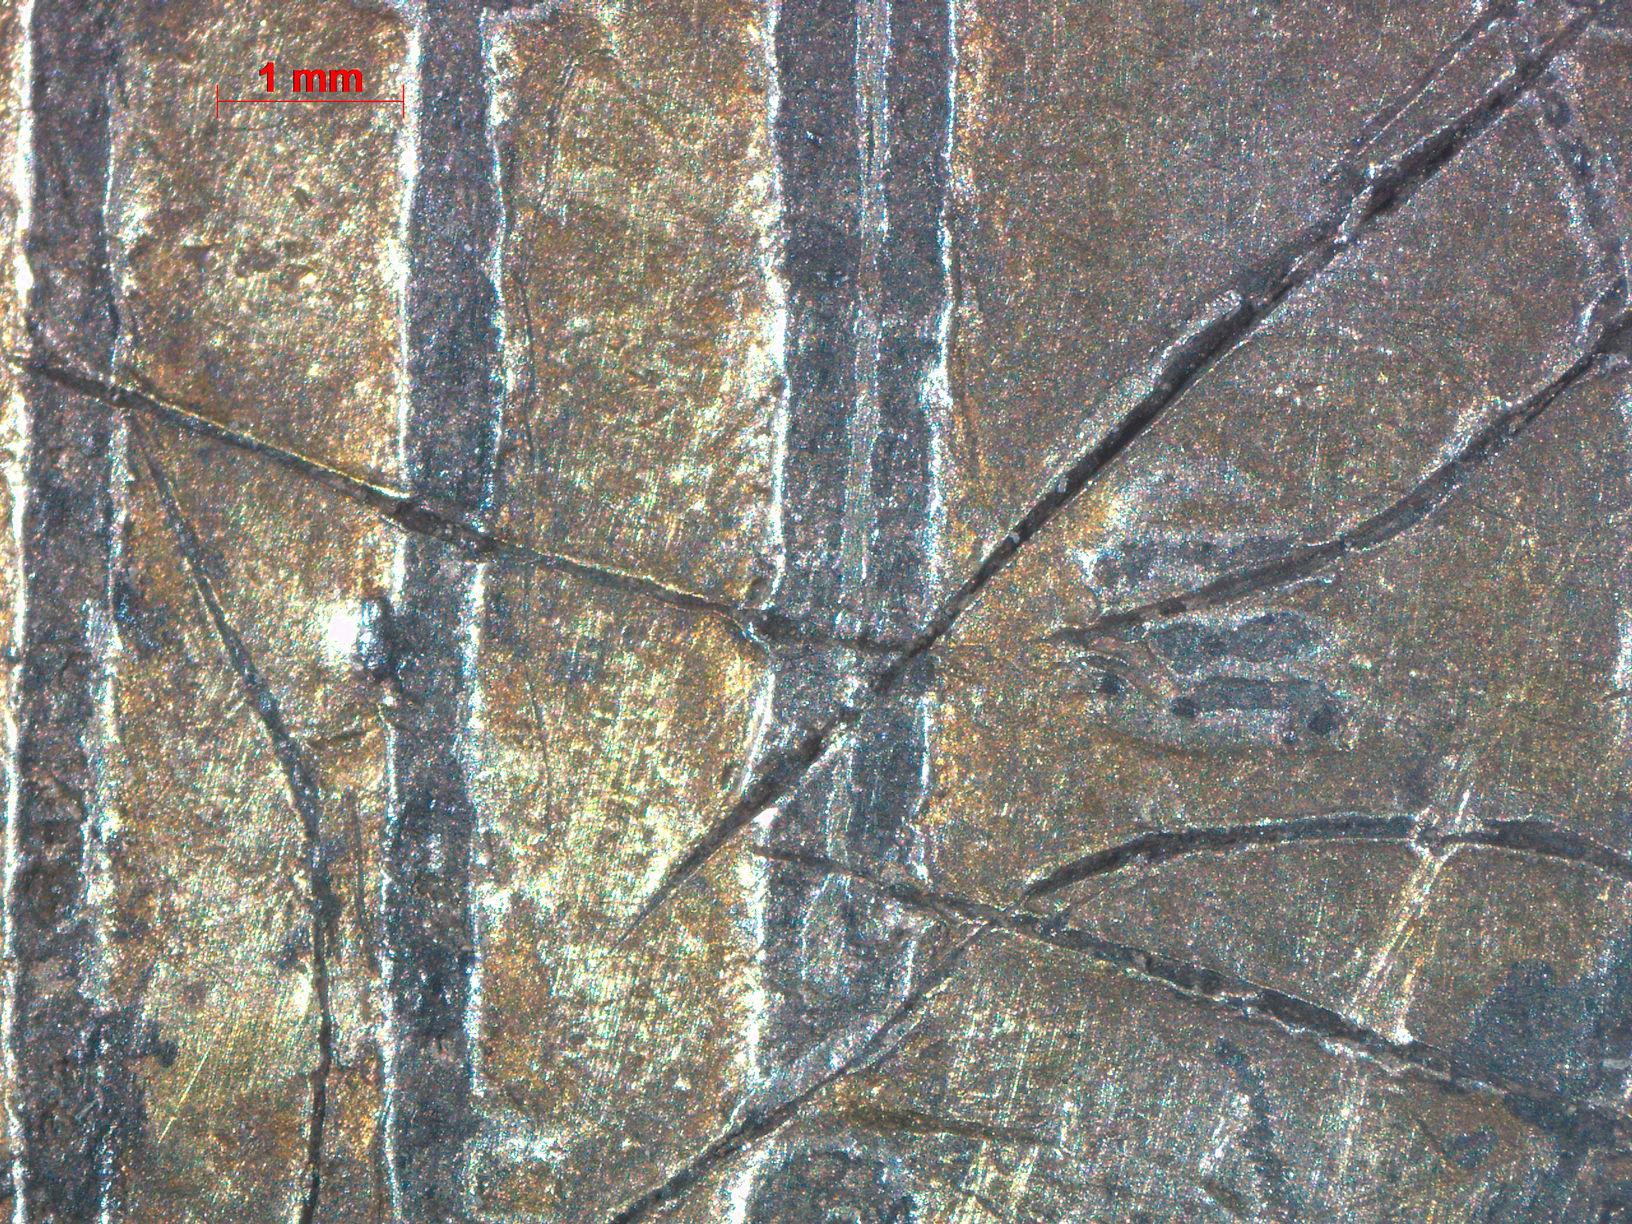 Макрофотография участка монеты с граффити. Фотография выполнена c помощью фотокамеры AxioCam ERc5s стереомикроскопа Carl Zeiss Stemi 2000C. Оператор С.А. Стефутин.